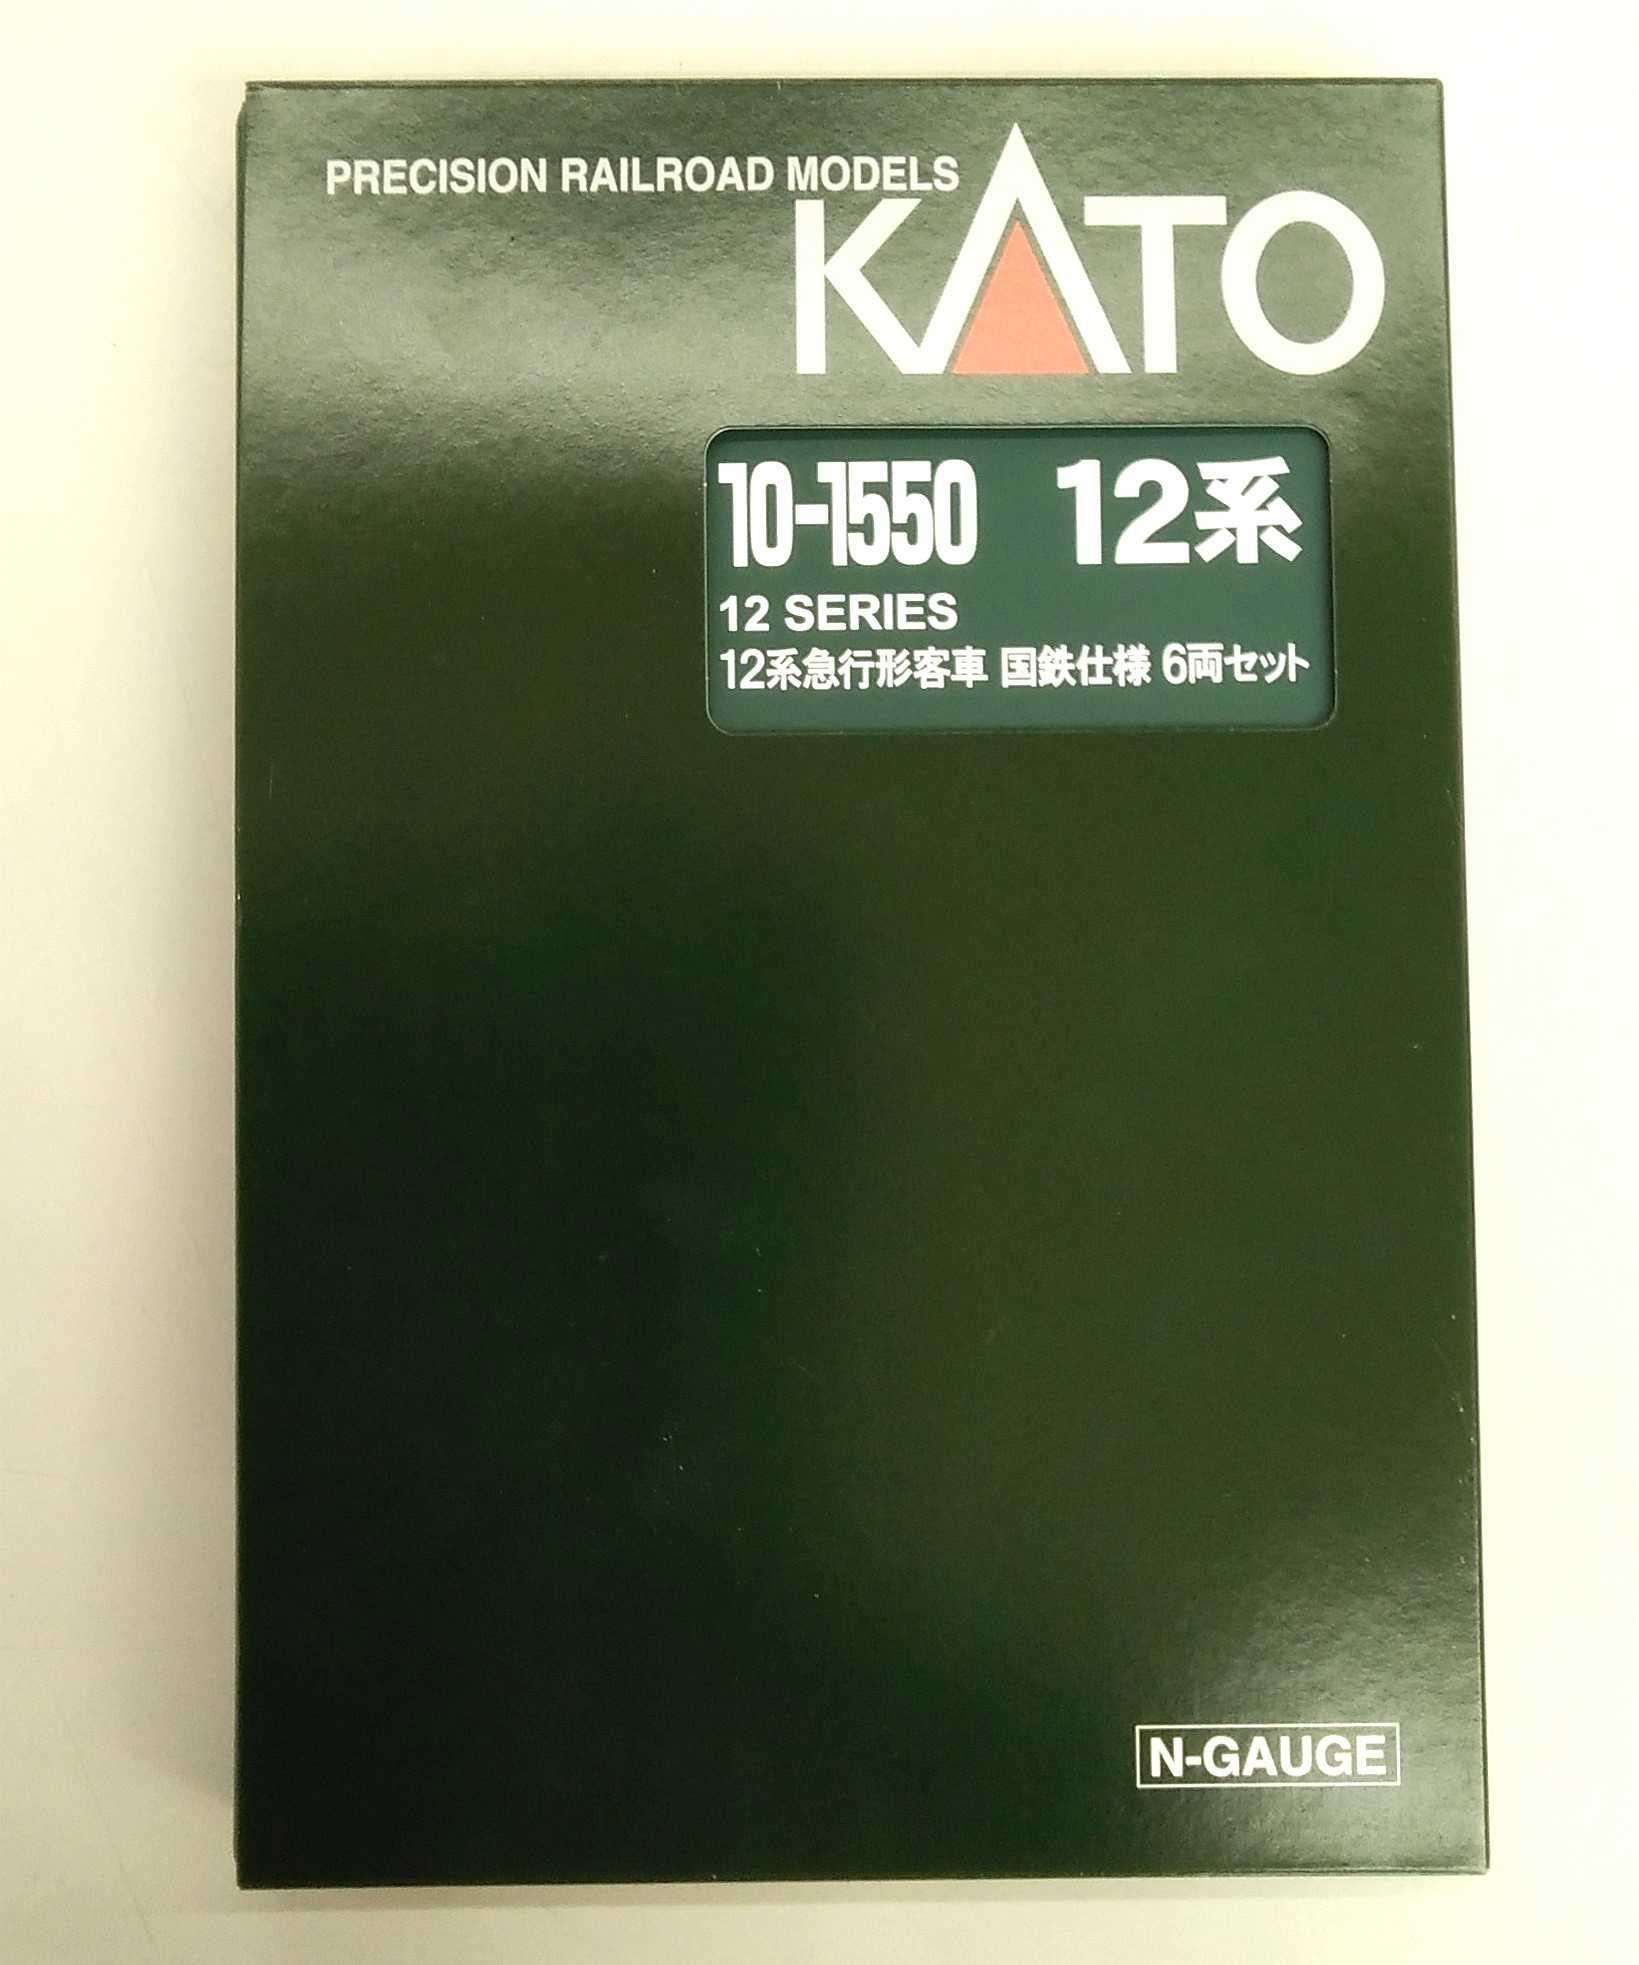 Nゲージ 12系急行形客車 国鉄仕様|KATO